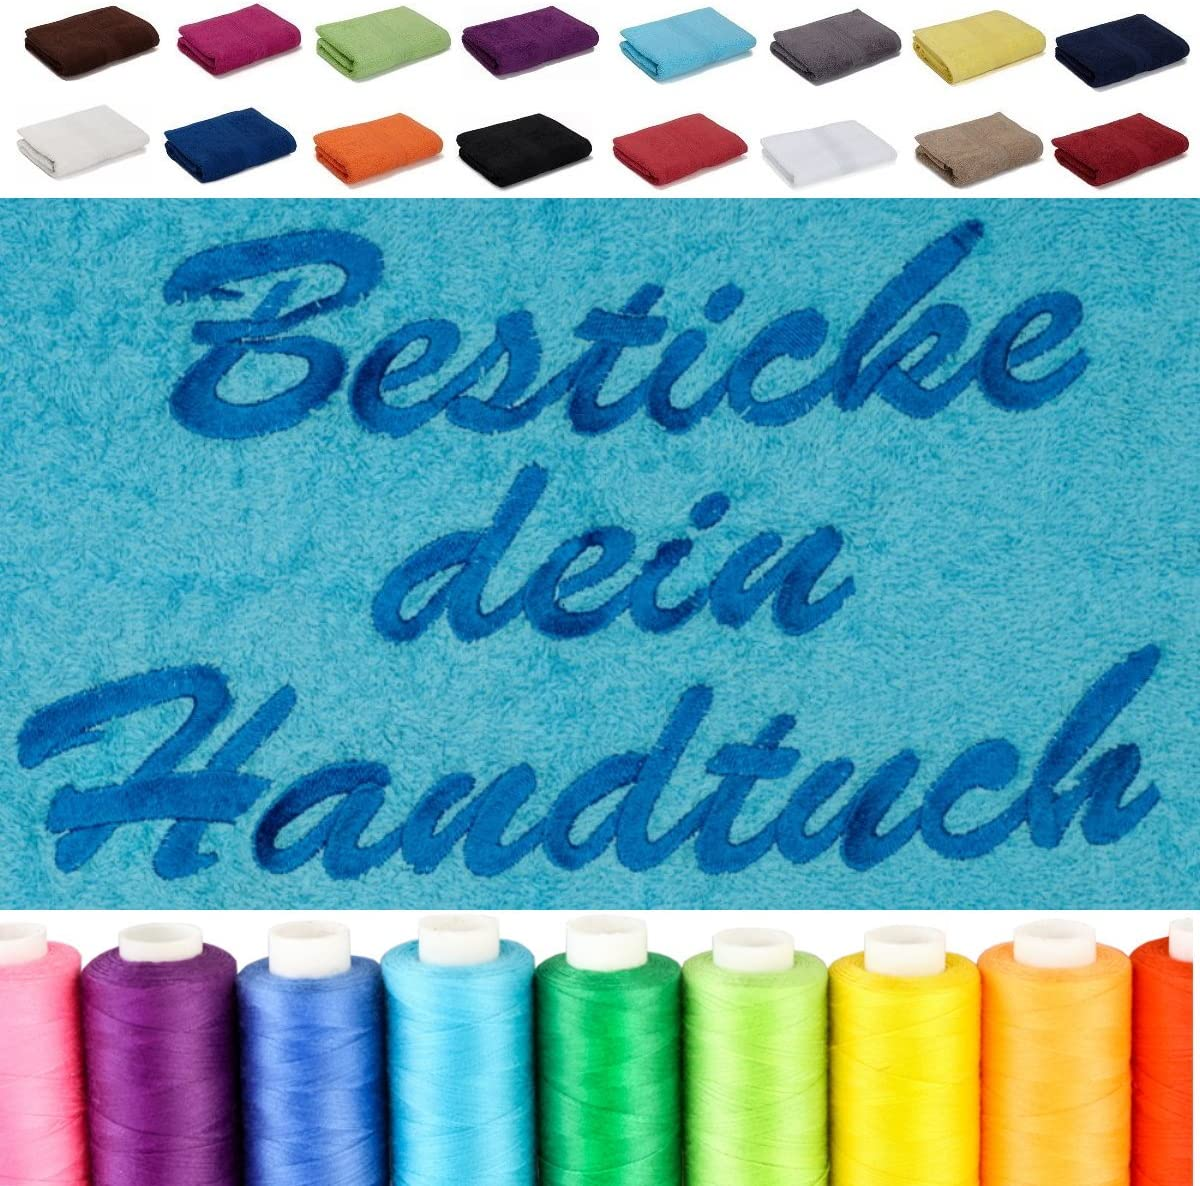 Lashuma Handtuch Blau Handtuch 50x100 Linz Frotteetuch Bestickt mit Monogramm Aquamarin